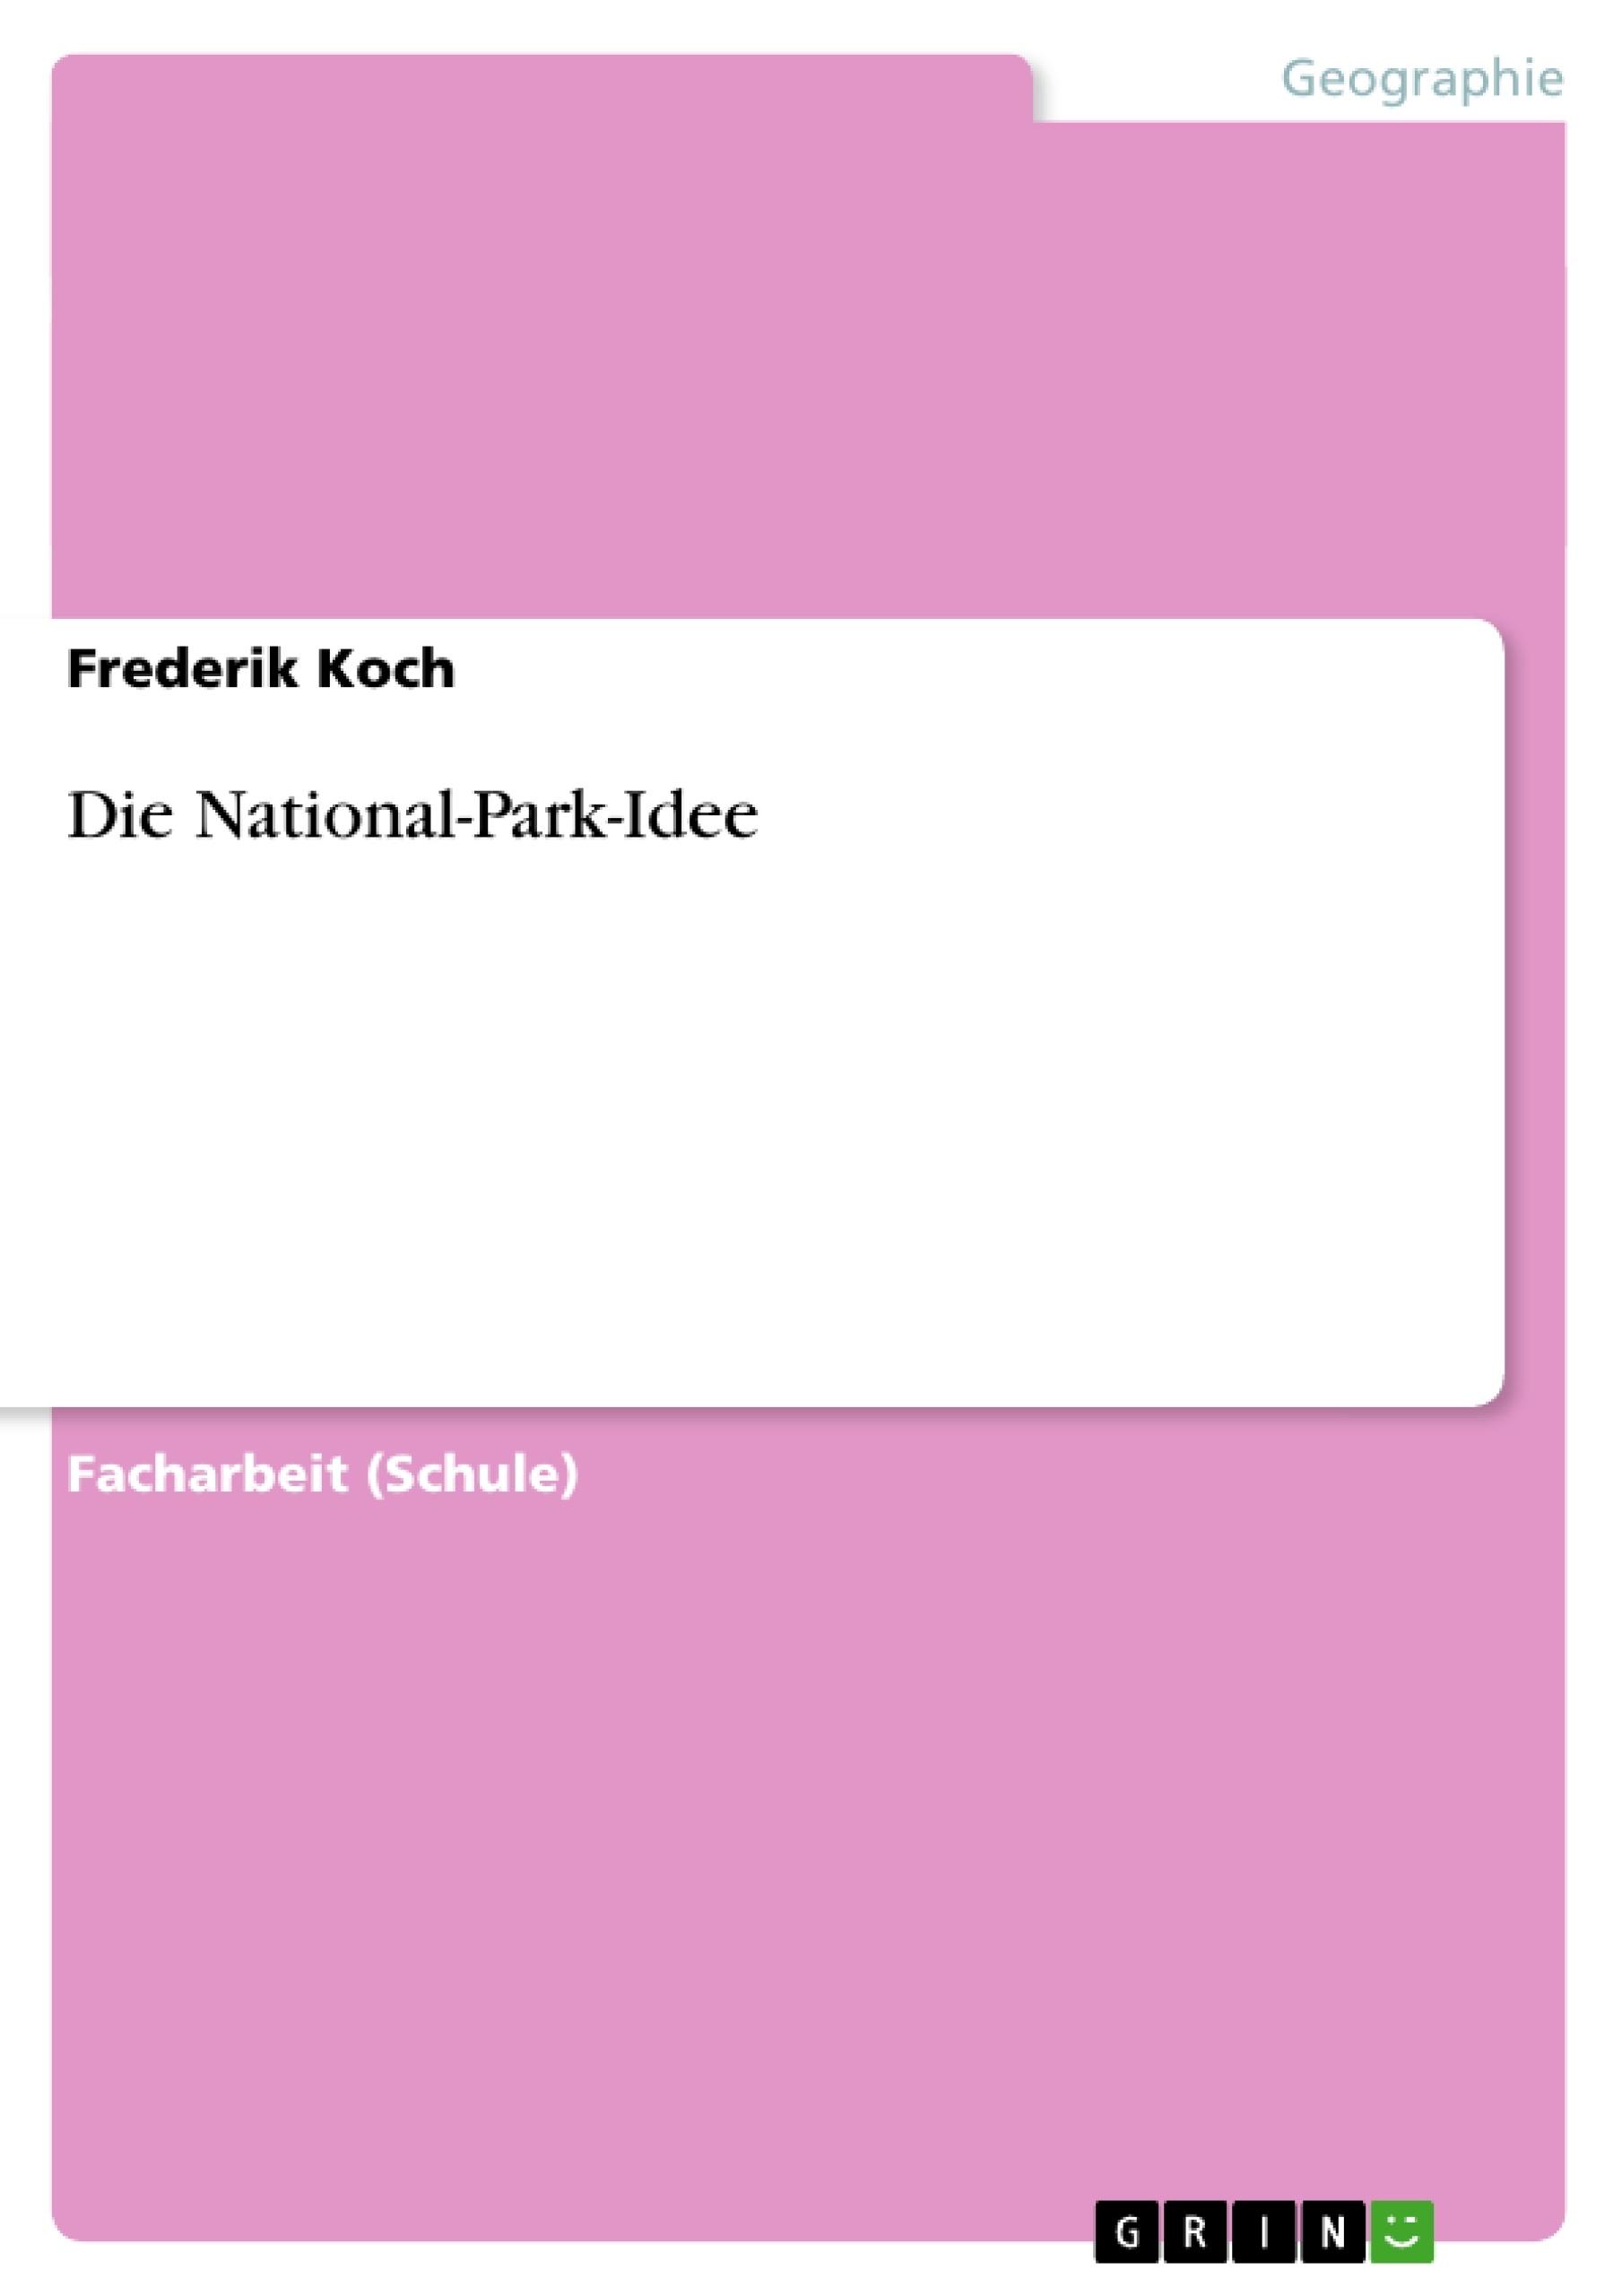 Titel: Die National-Park-Idee